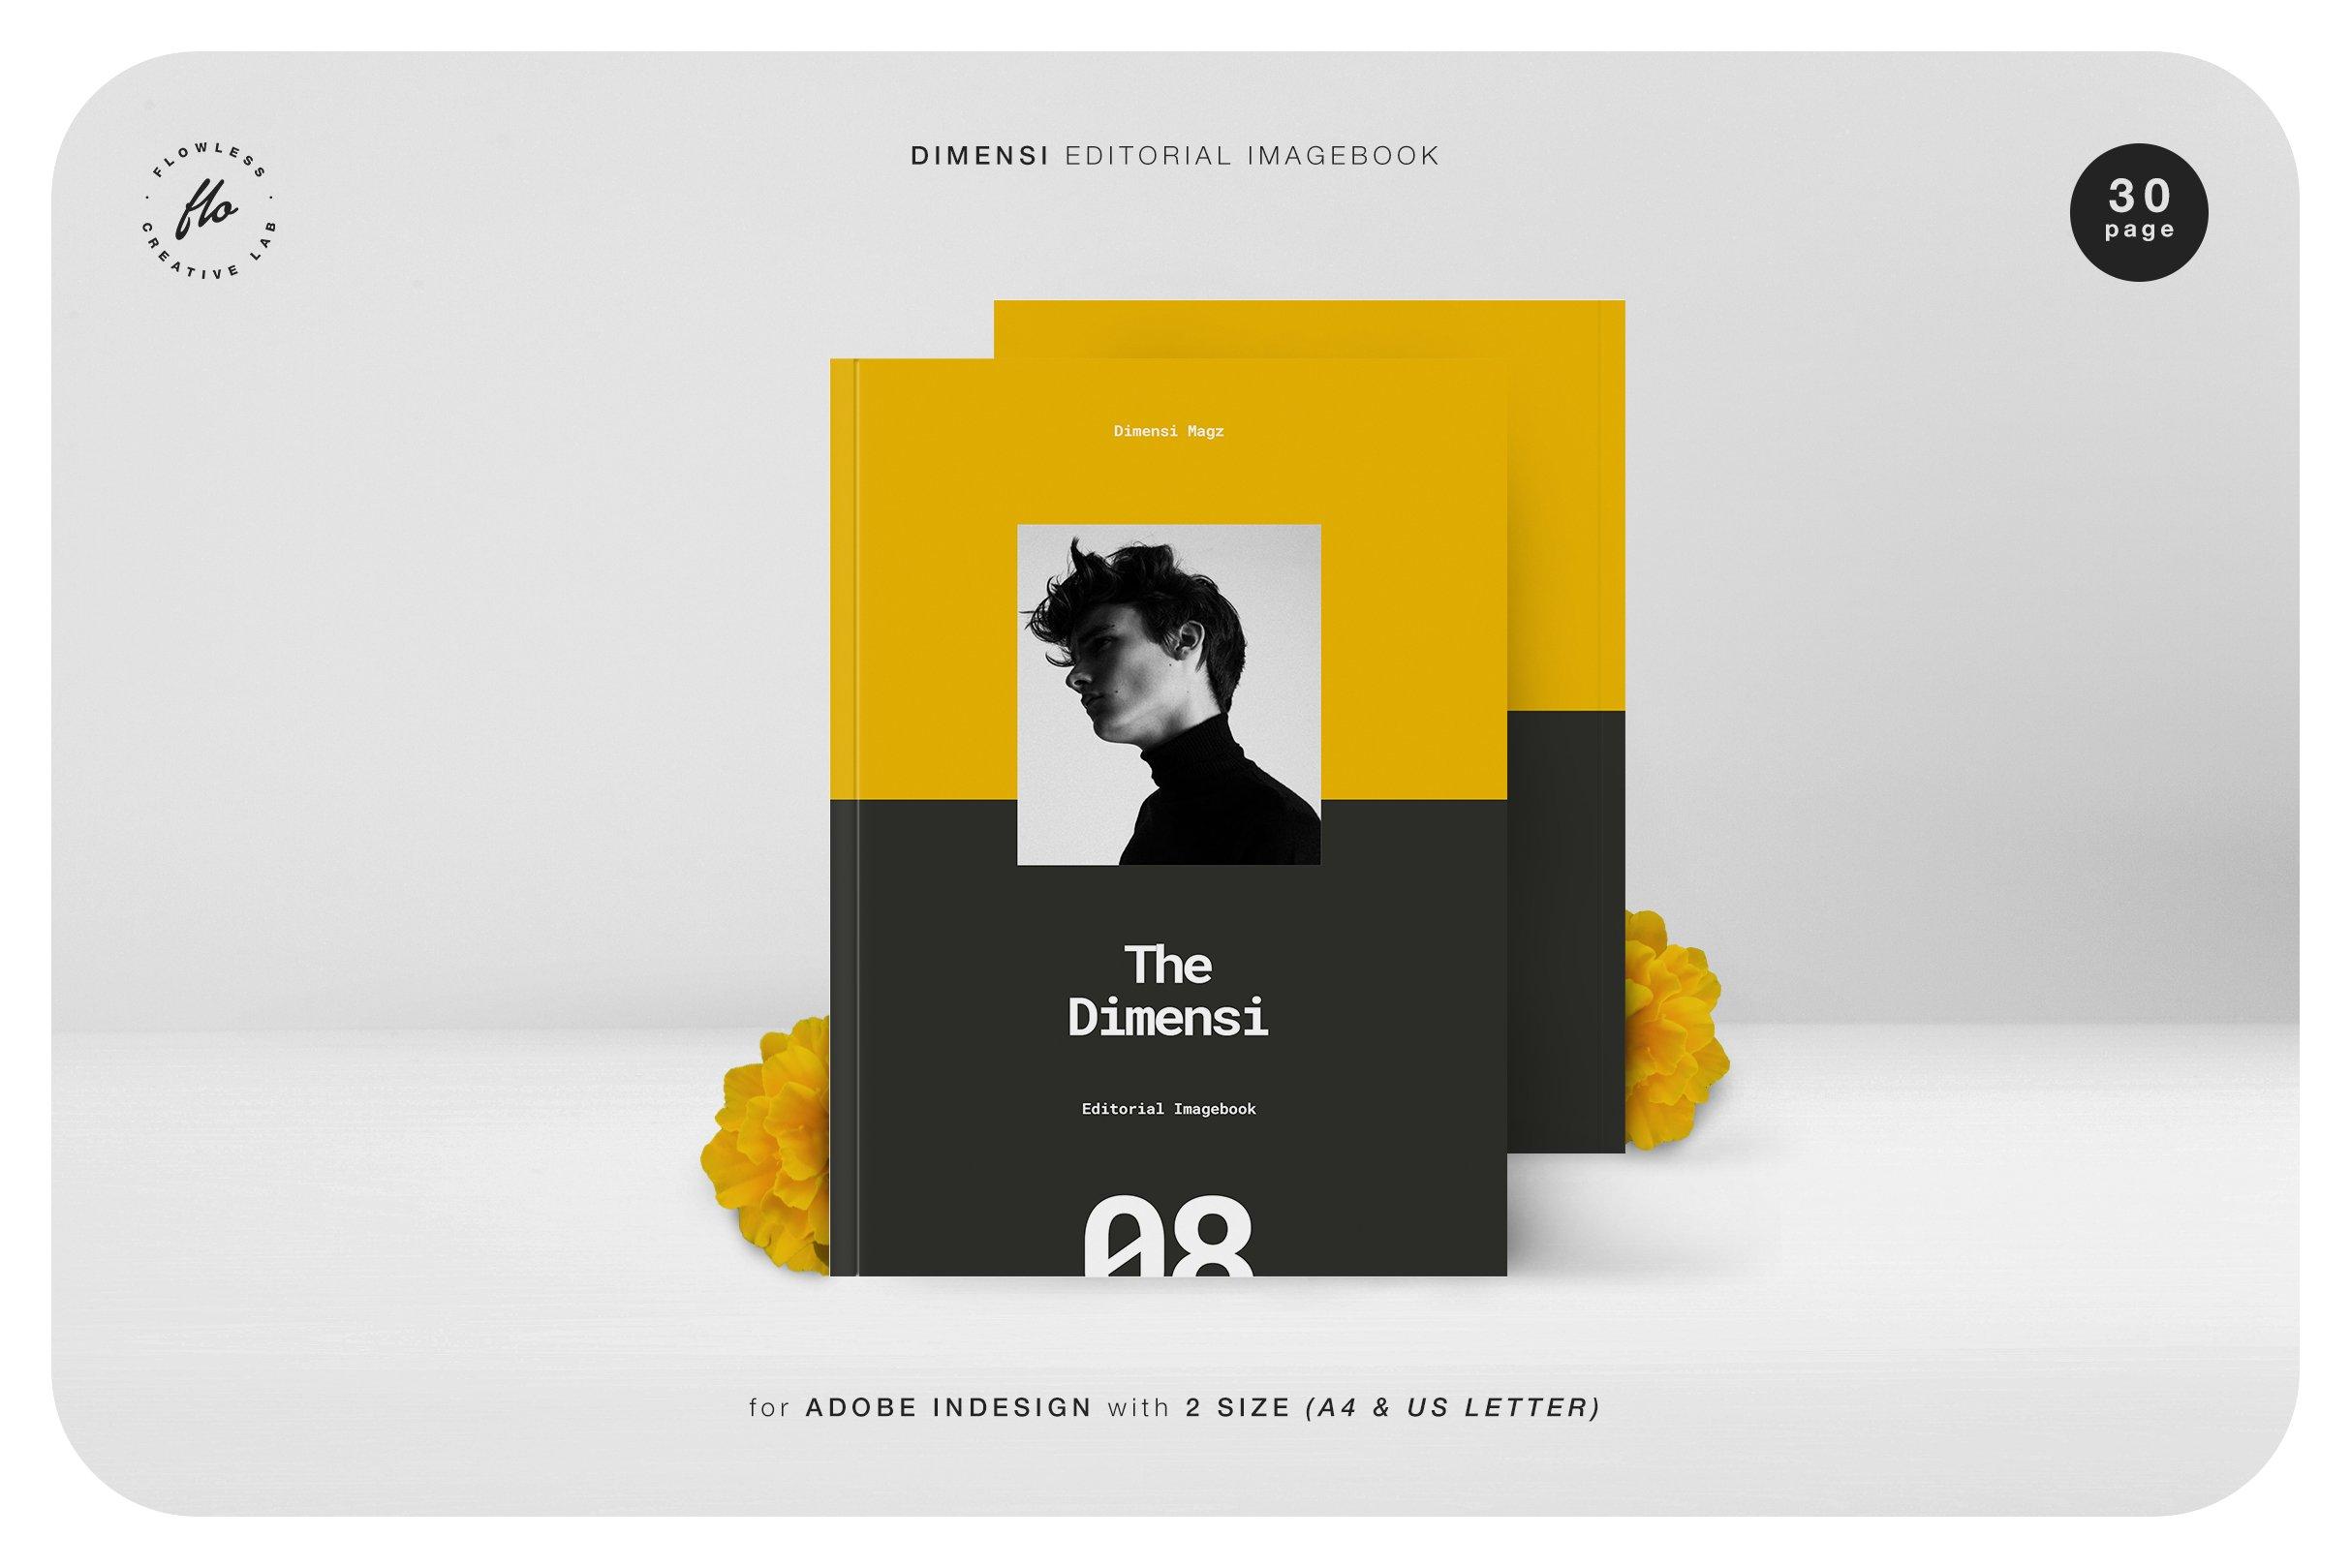 摄影作品集设计INDD画册模板 DIMENSI Editorial Imagebook插图